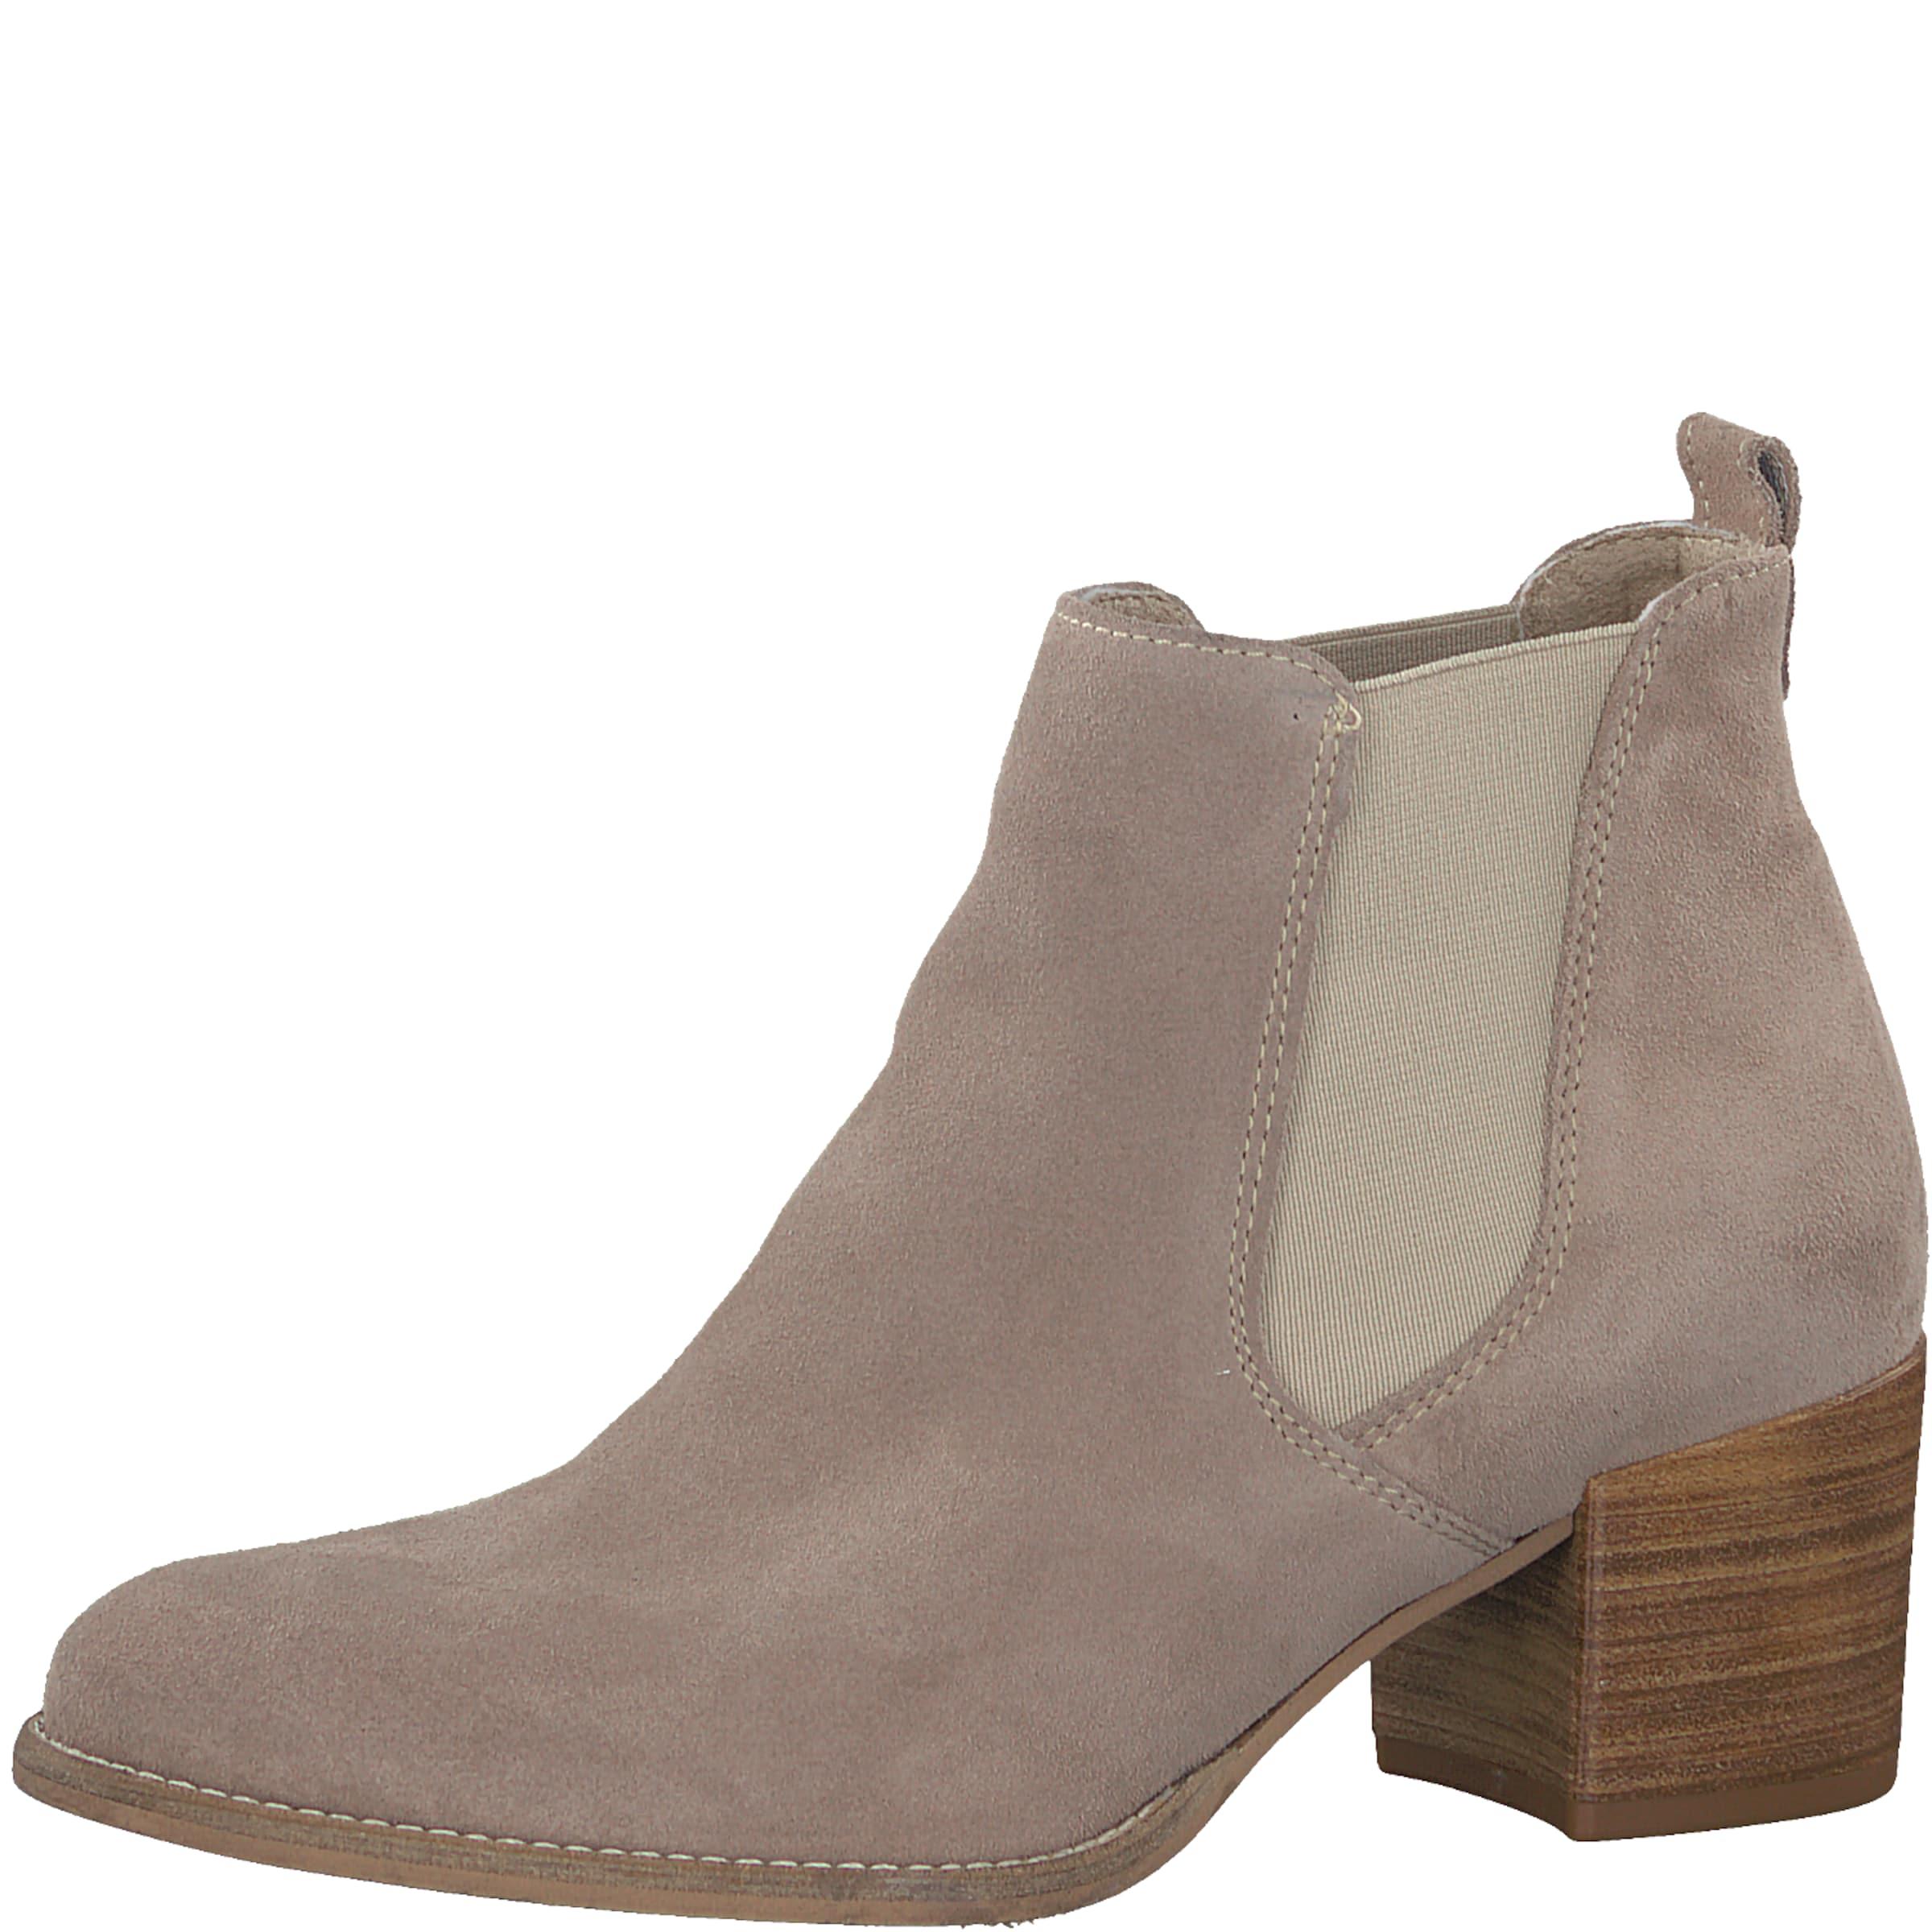 TAMARIS Chelsea-Stiefelette mit Blockabsatz Verschleißfeste billige Schuhe